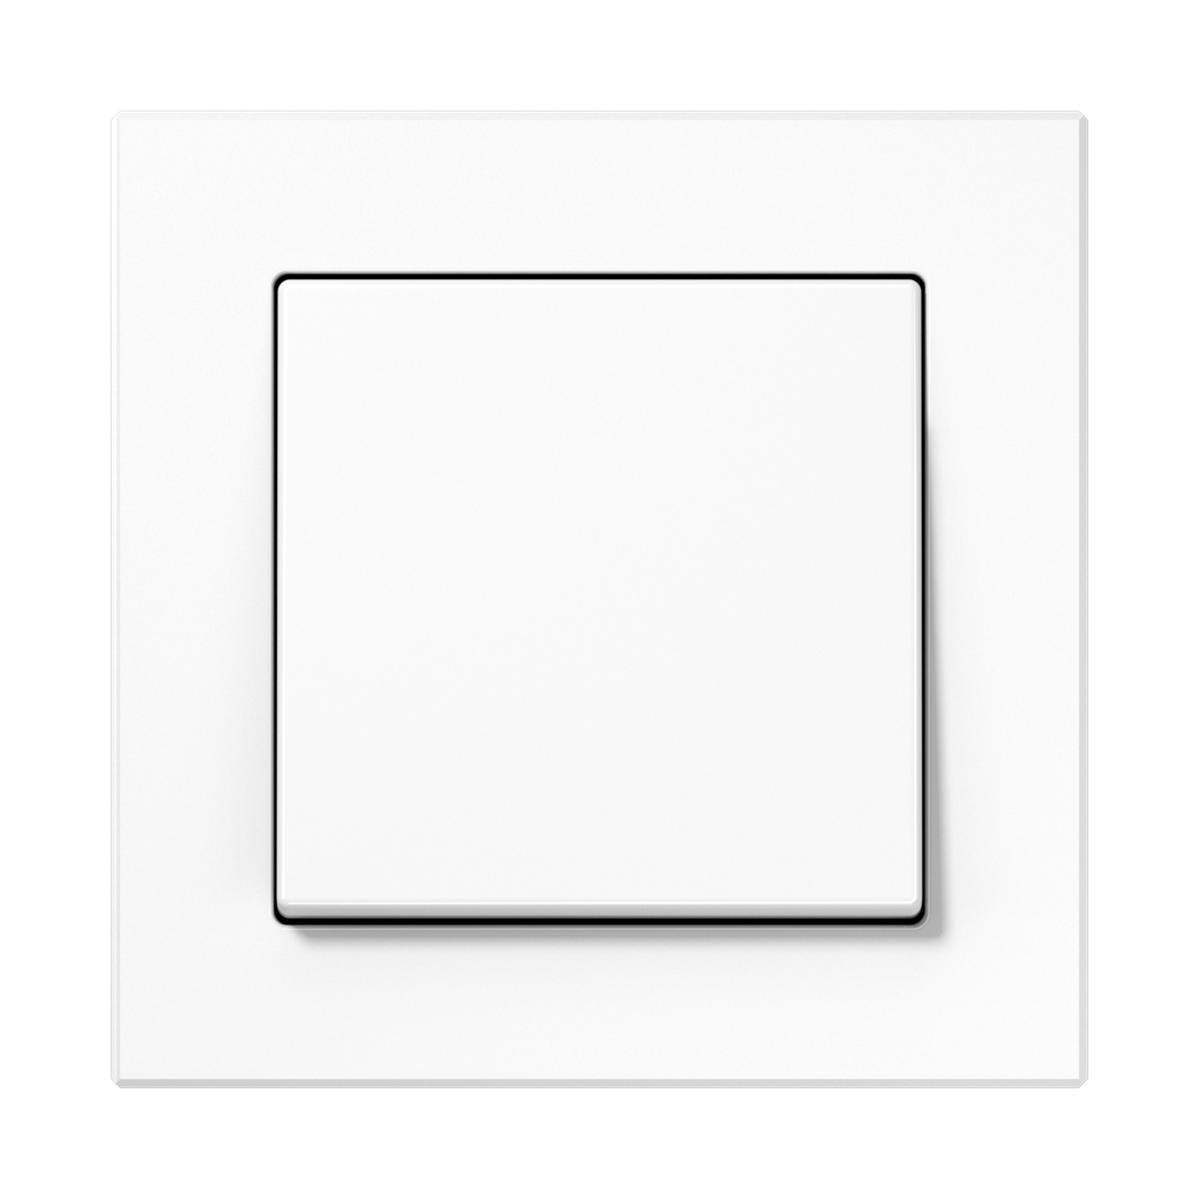 A creation switch white - на 360.ru: цены, описание, характеристики, где купить в Москве.